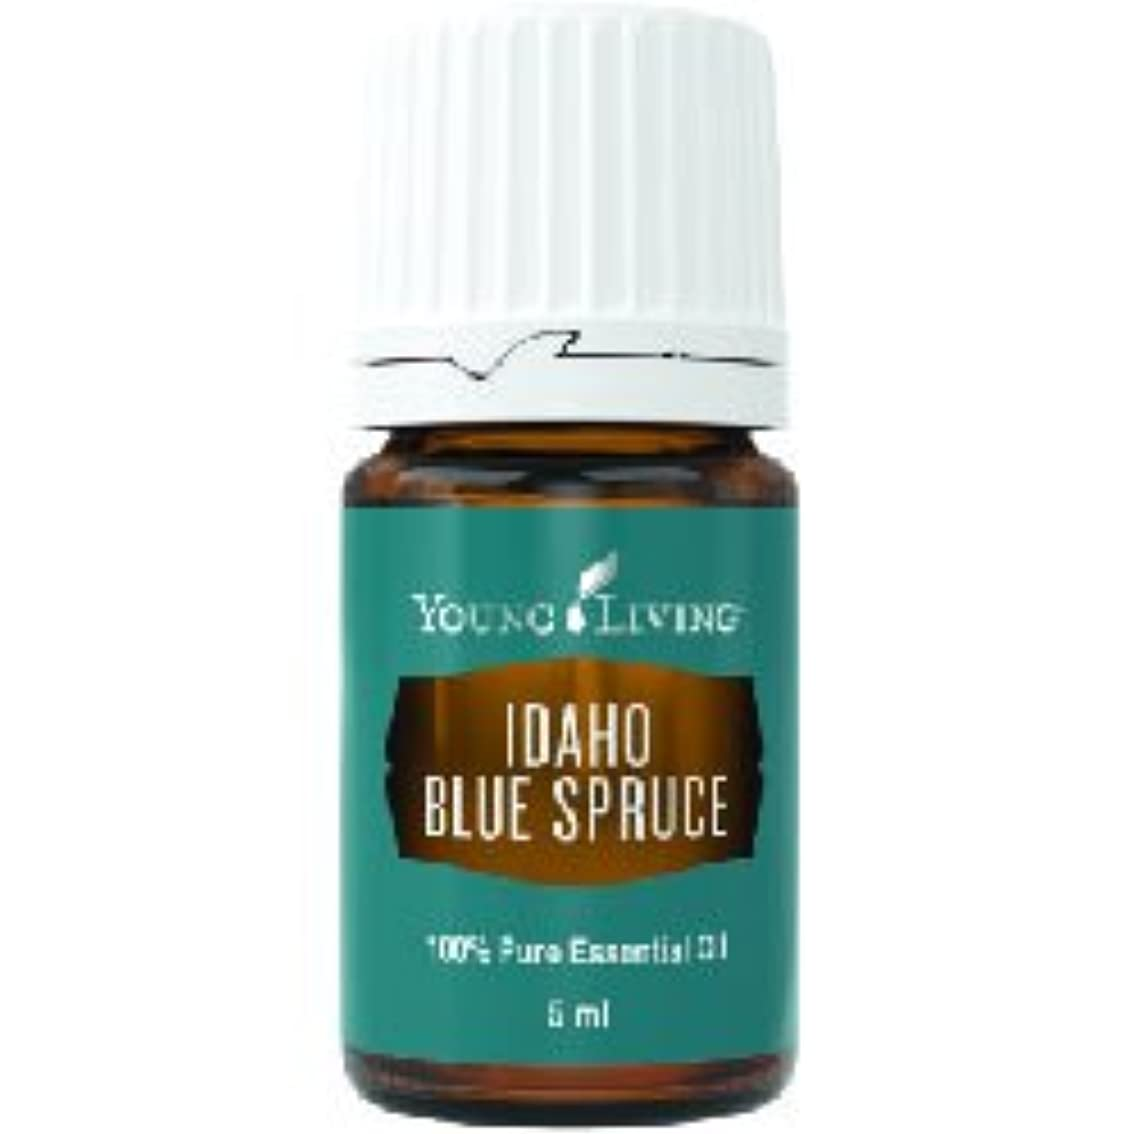 親愛なあいにく森アイダホブルースプルースエッセンシャルオイル5ml by Young Livingエッセンシャルオイルマレーシア Idaho Blue Spruce Essential Oil 5ml by Young Living Essential Oil Malaysia